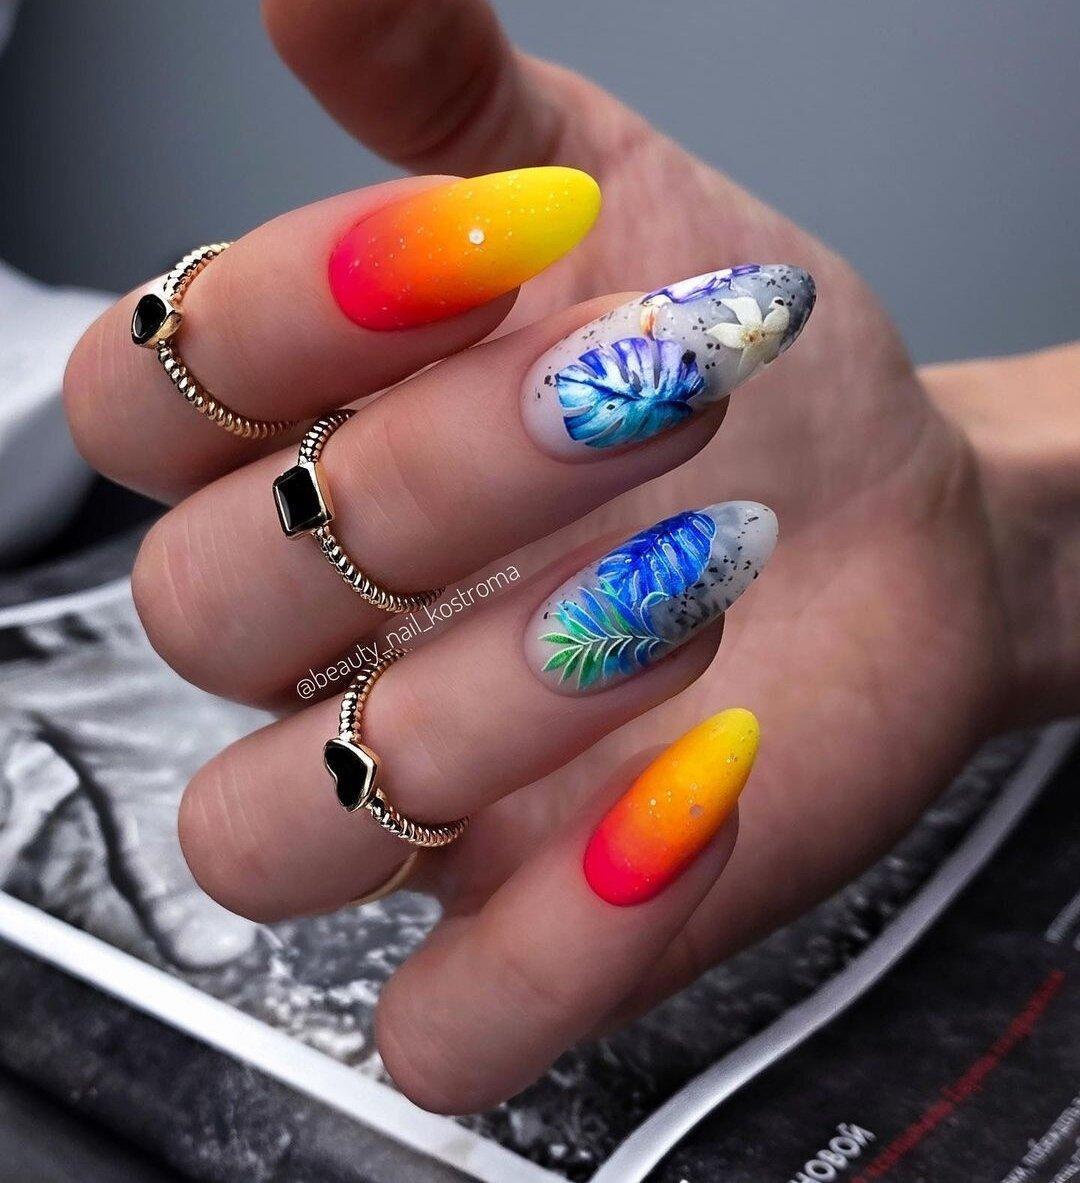 Подборка модного маникюра на июнь. Идеи ногтей, стильные дизайны, летние оттенки, обзор фото 2021.